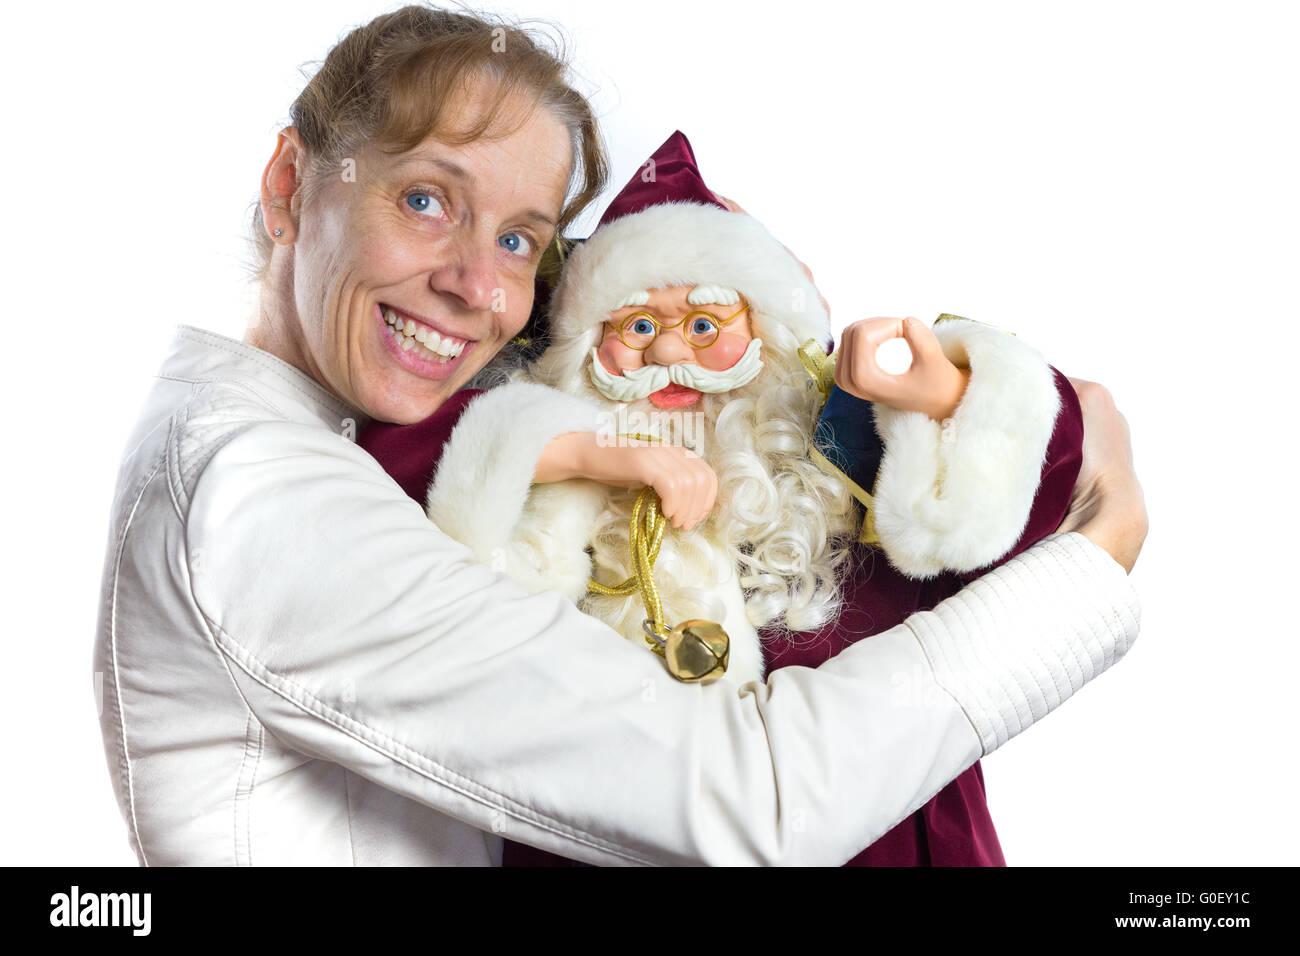 Caucasian woman embracing modèle de Père Noël Photo Stock